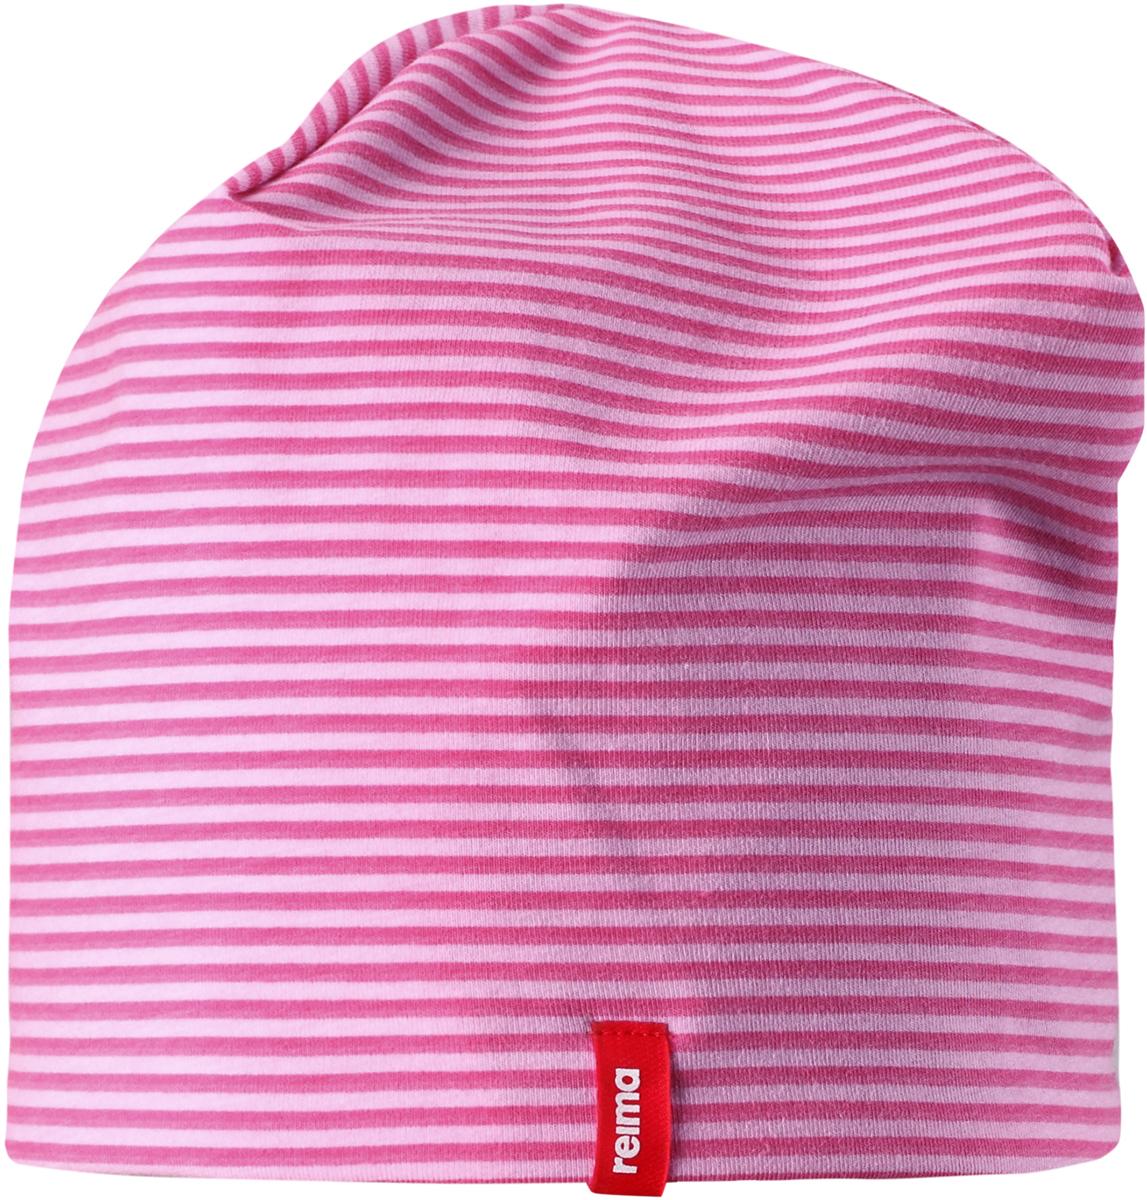 Шапка детская Reima, цвет: розовый. 5285834623. Размер 485285834623Легкая двусторонняя шапка от Reima изготовлена из хлопка с добавлением полиэстера и эластана. Озорная двухсторонняя шапка меняет цвет в одно мгновение!